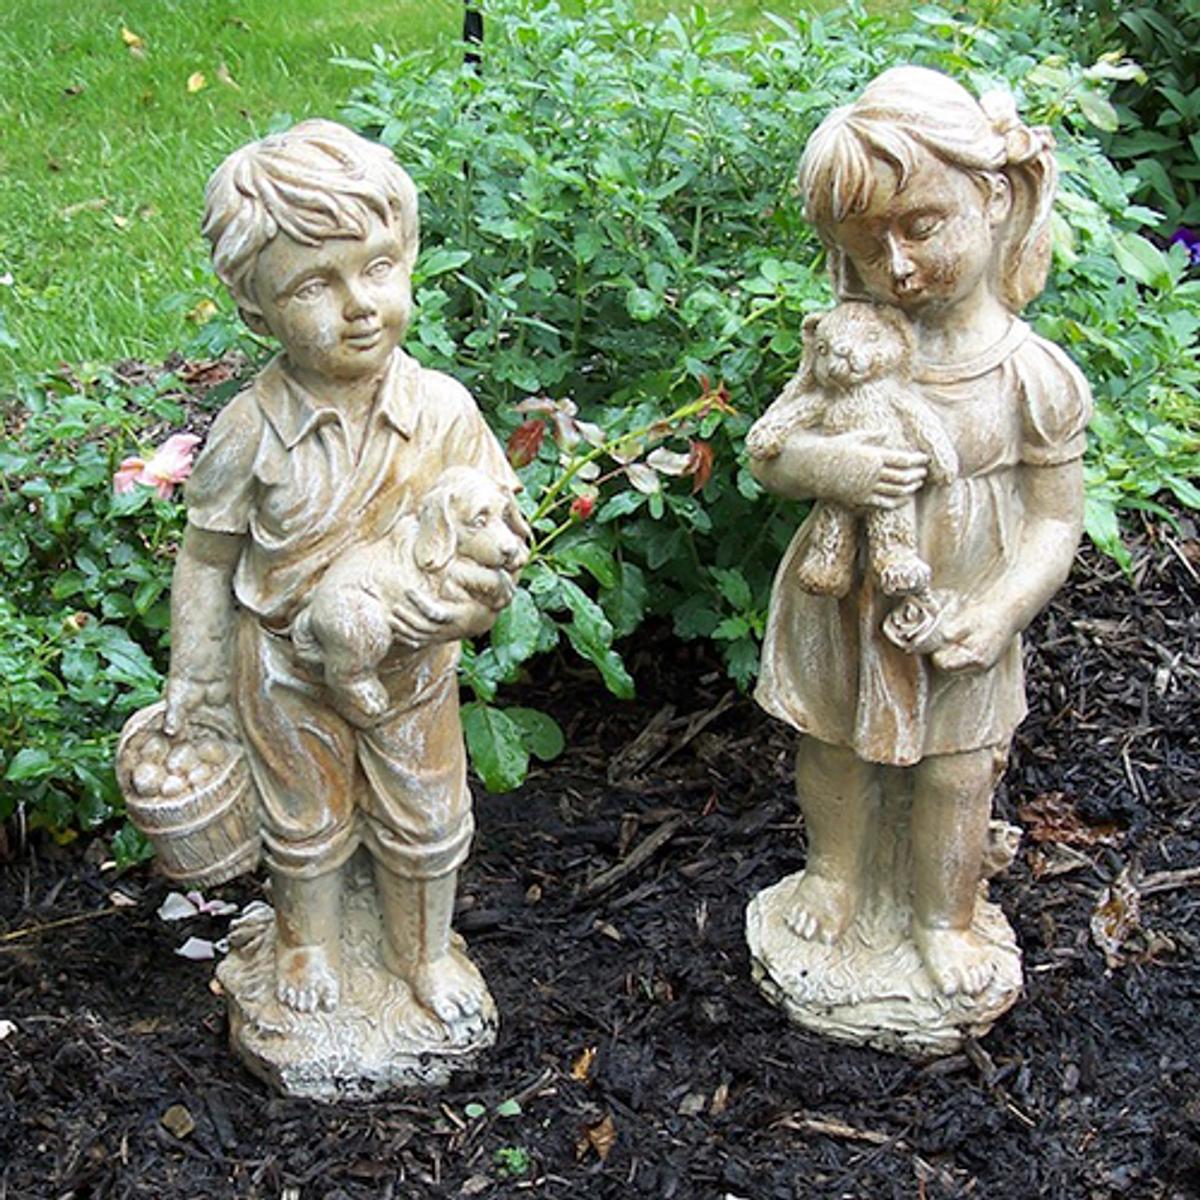 Jack & Jill Statues